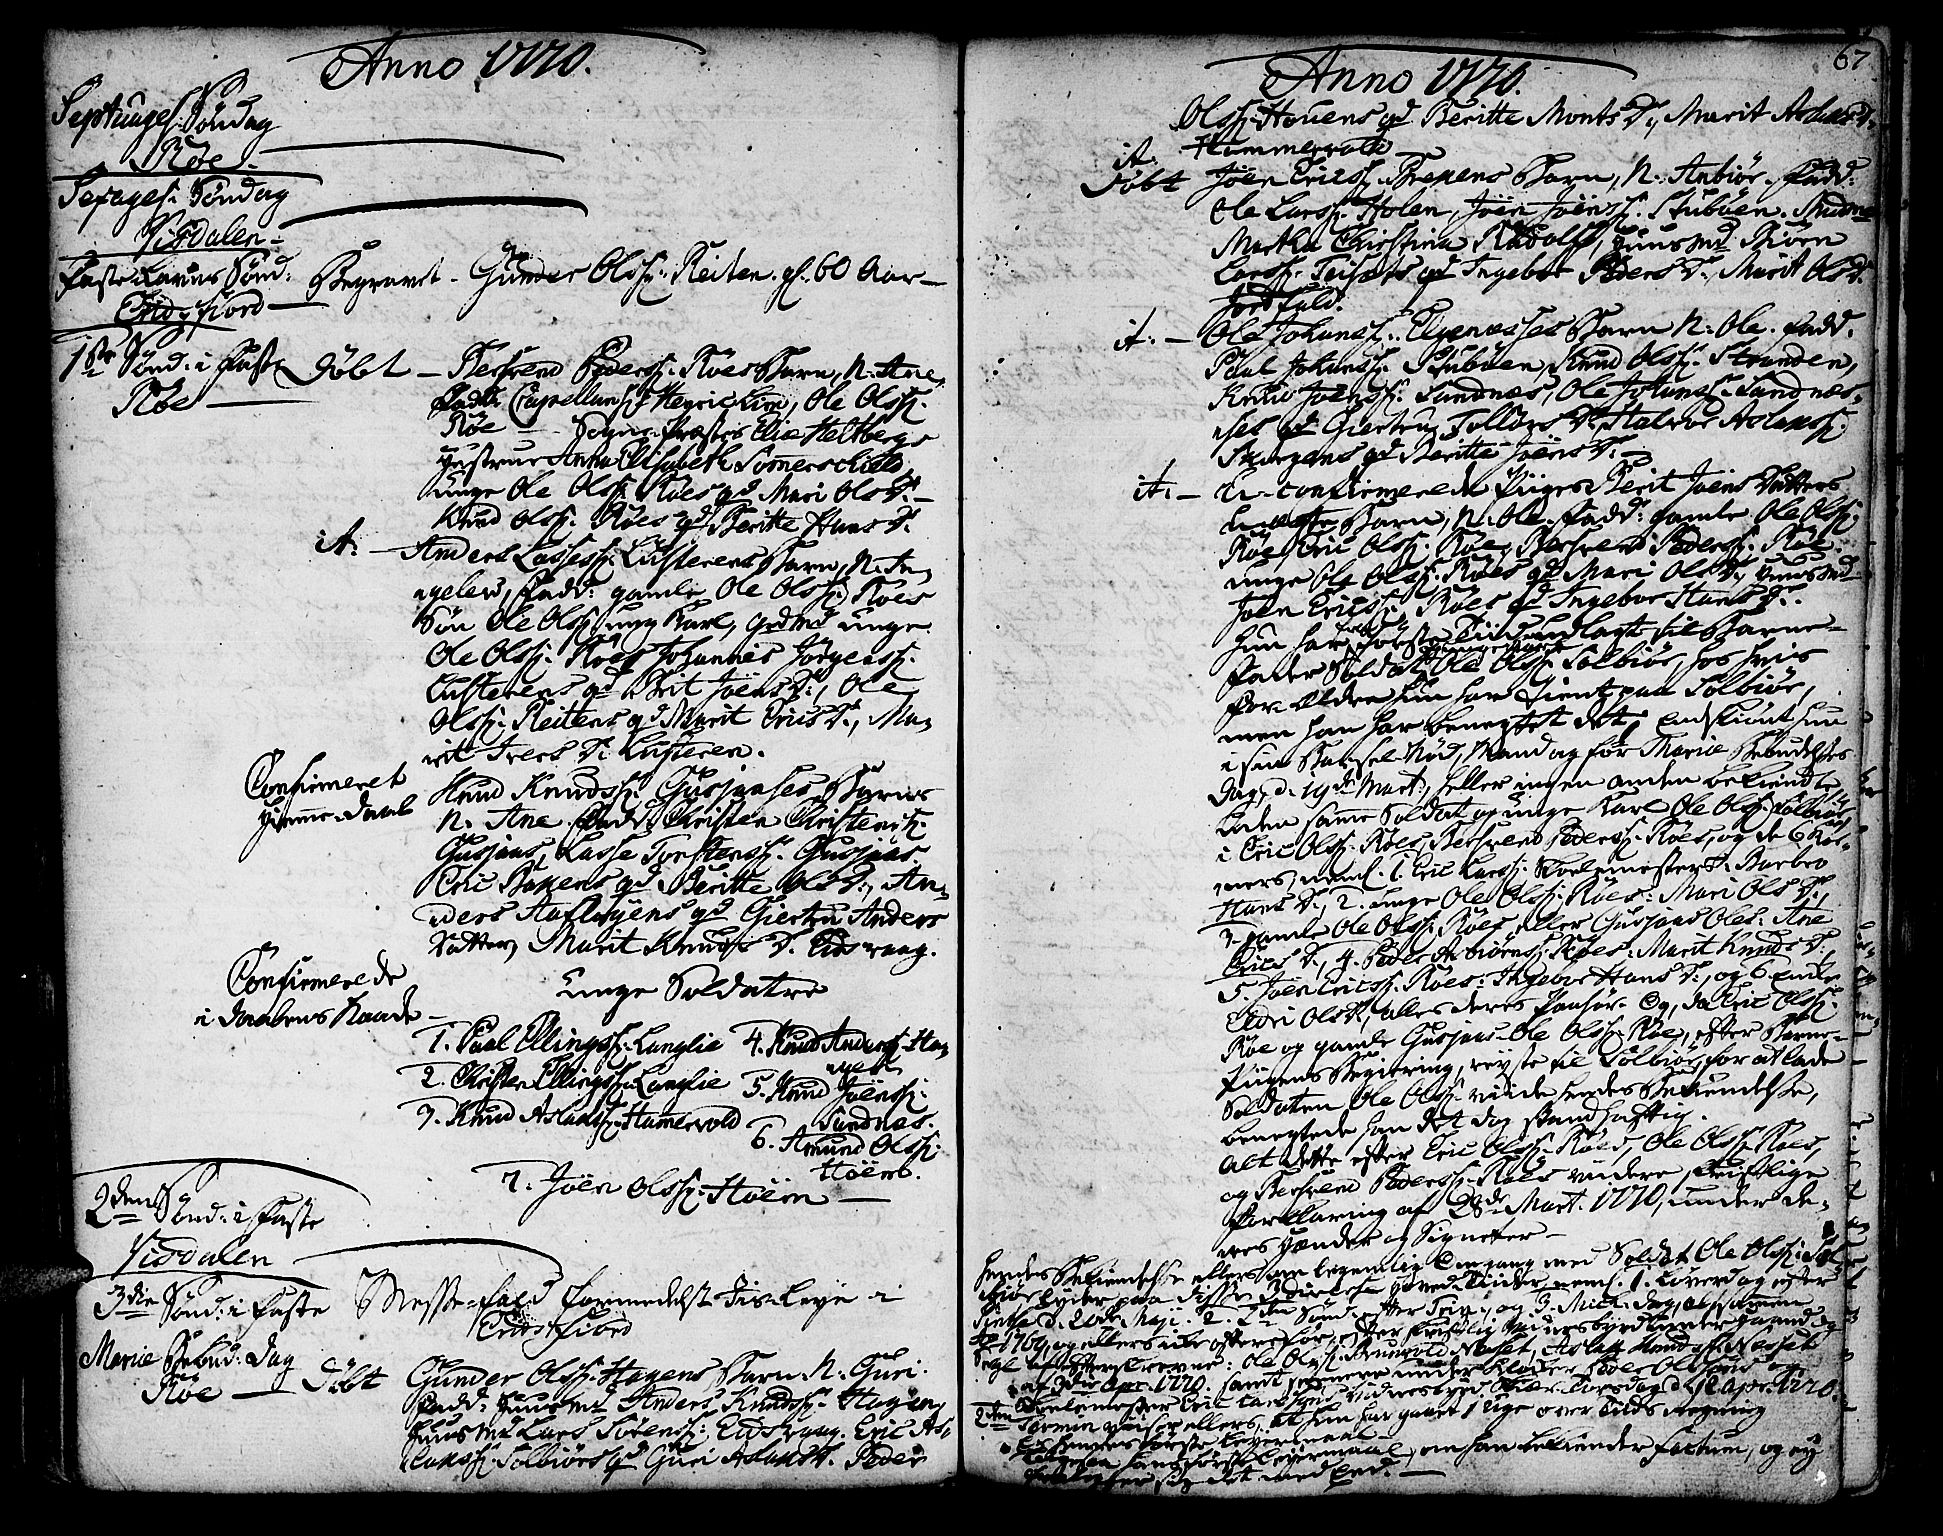 SAT, Ministerialprotokoller, klokkerbøker og fødselsregistre - Møre og Romsdal, 551/L0621: Ministerialbok nr. 551A01, 1757-1803, s. 67